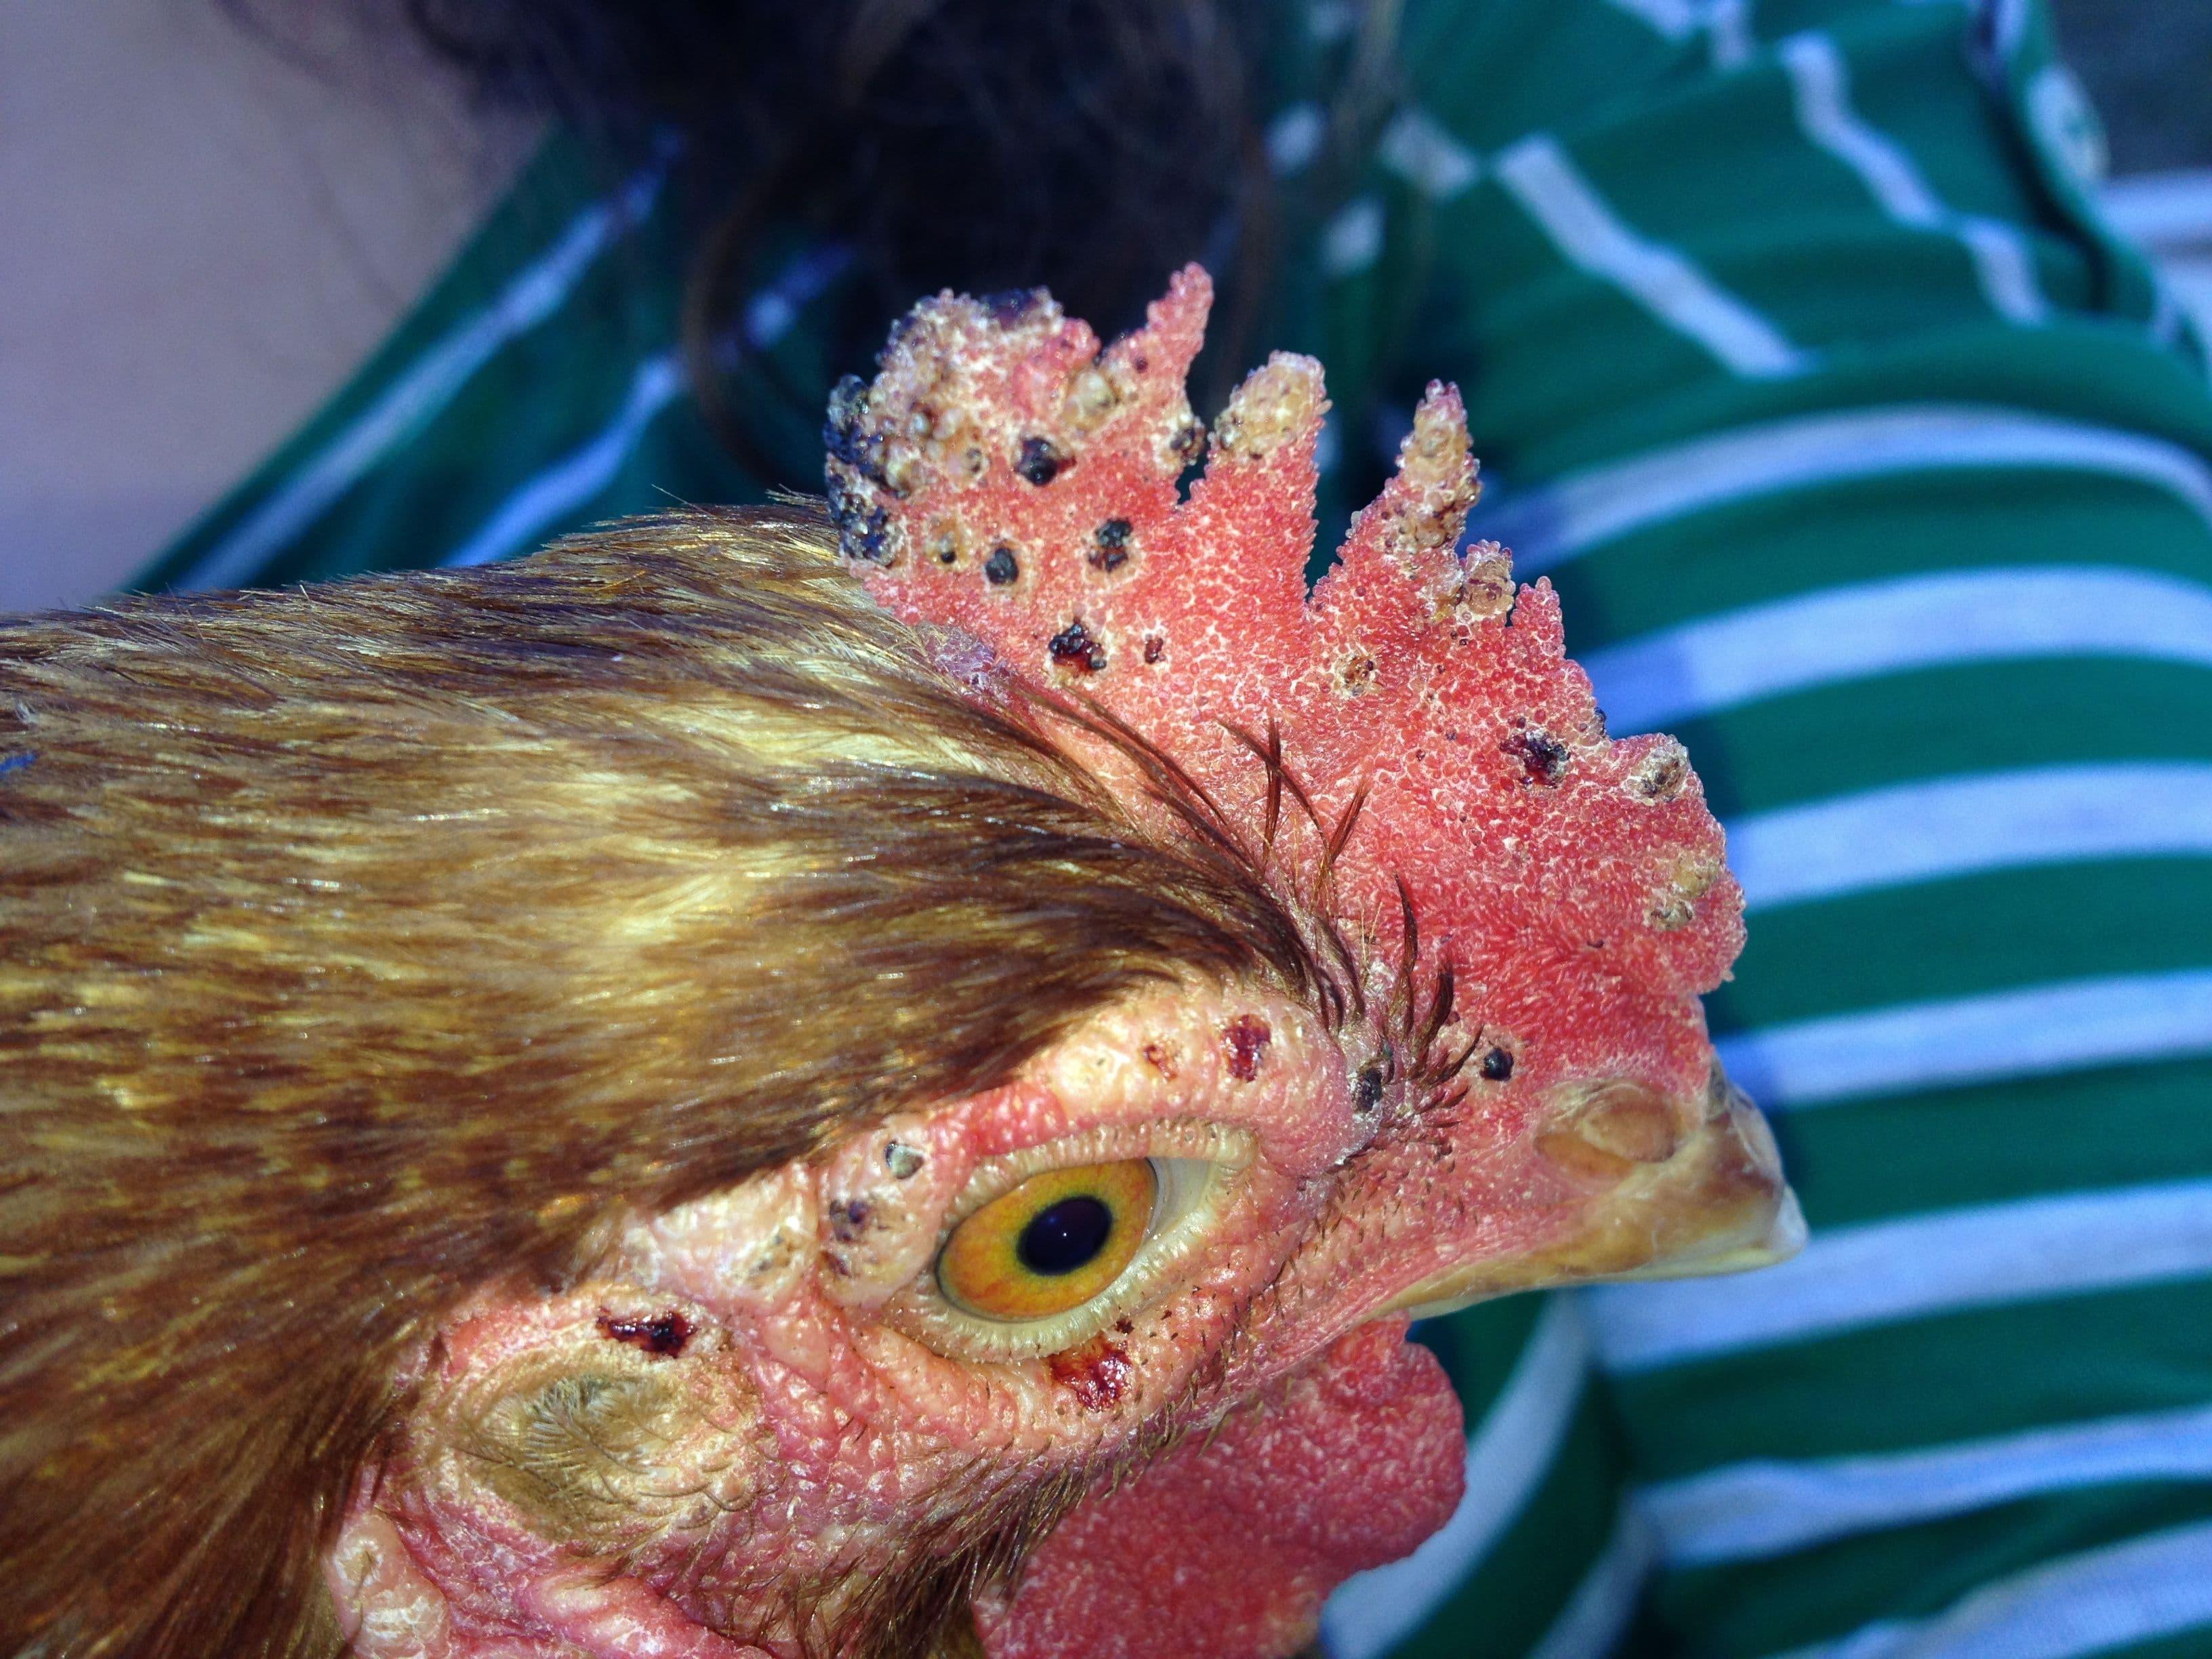 Клещ куриный: меры борьбы и профилактики. средства от куриного клеща. как выглядит куриный клещ. методы борьбы с красным куриным клещом чем лечить цыплят от клещей